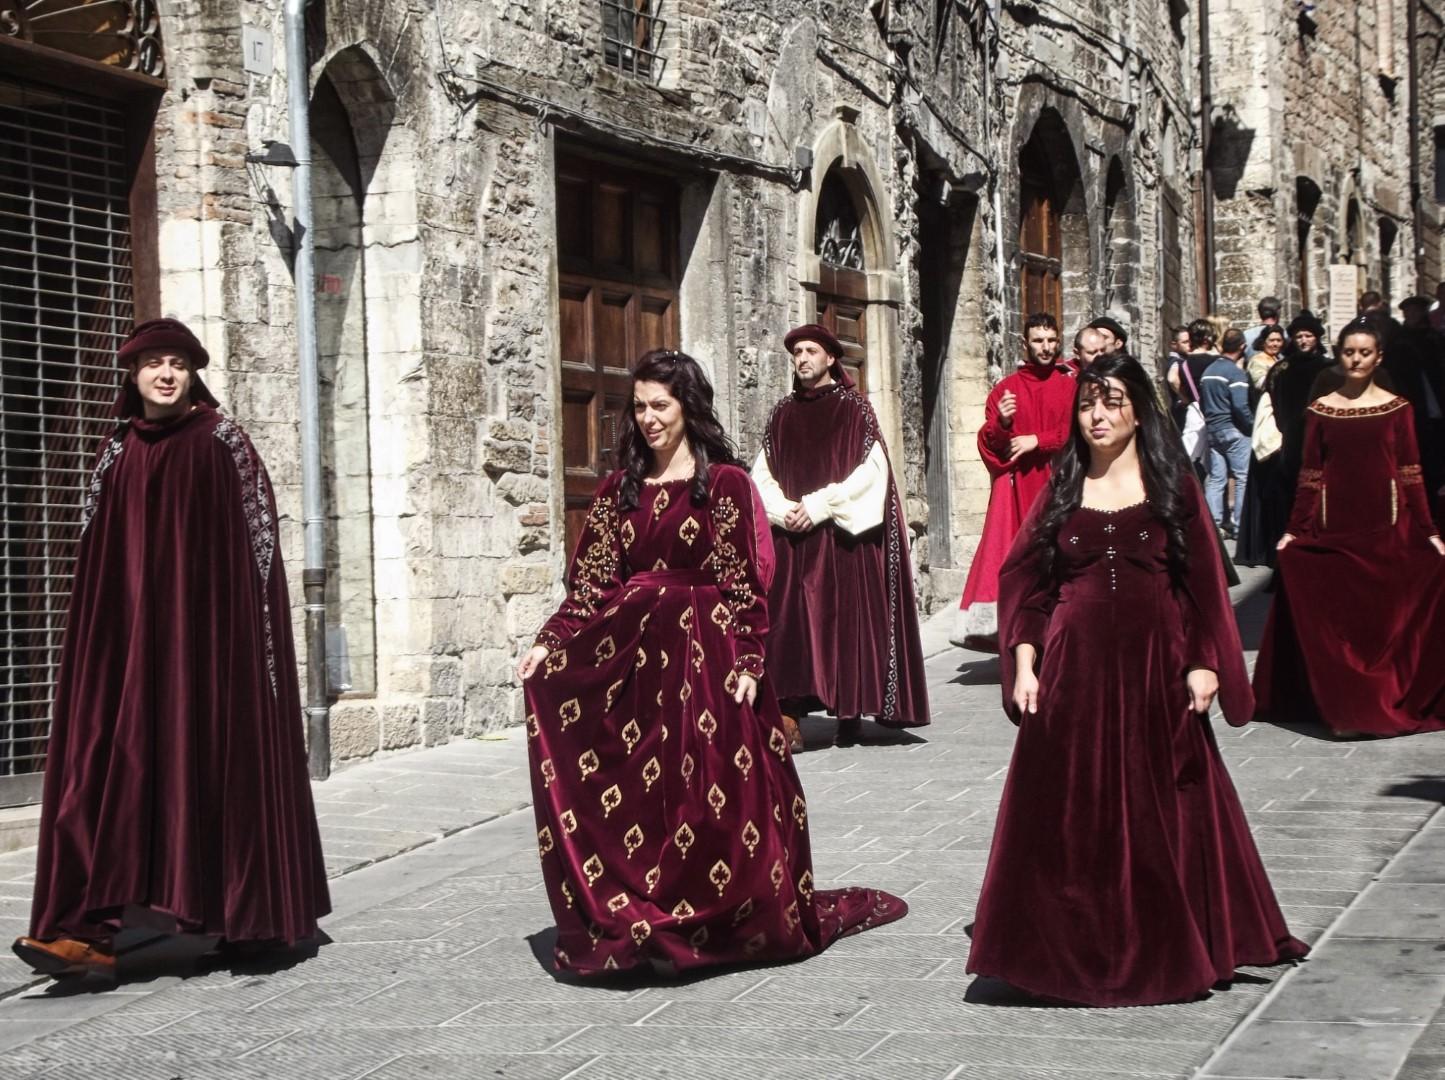 Ladies in dark velvet dresses